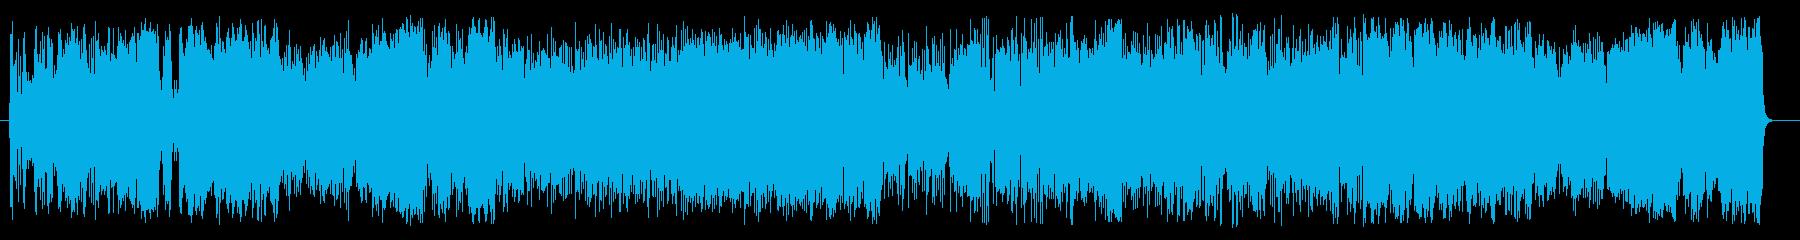 若干早めの、6/8を基調とした楽曲。荒…の再生済みの波形